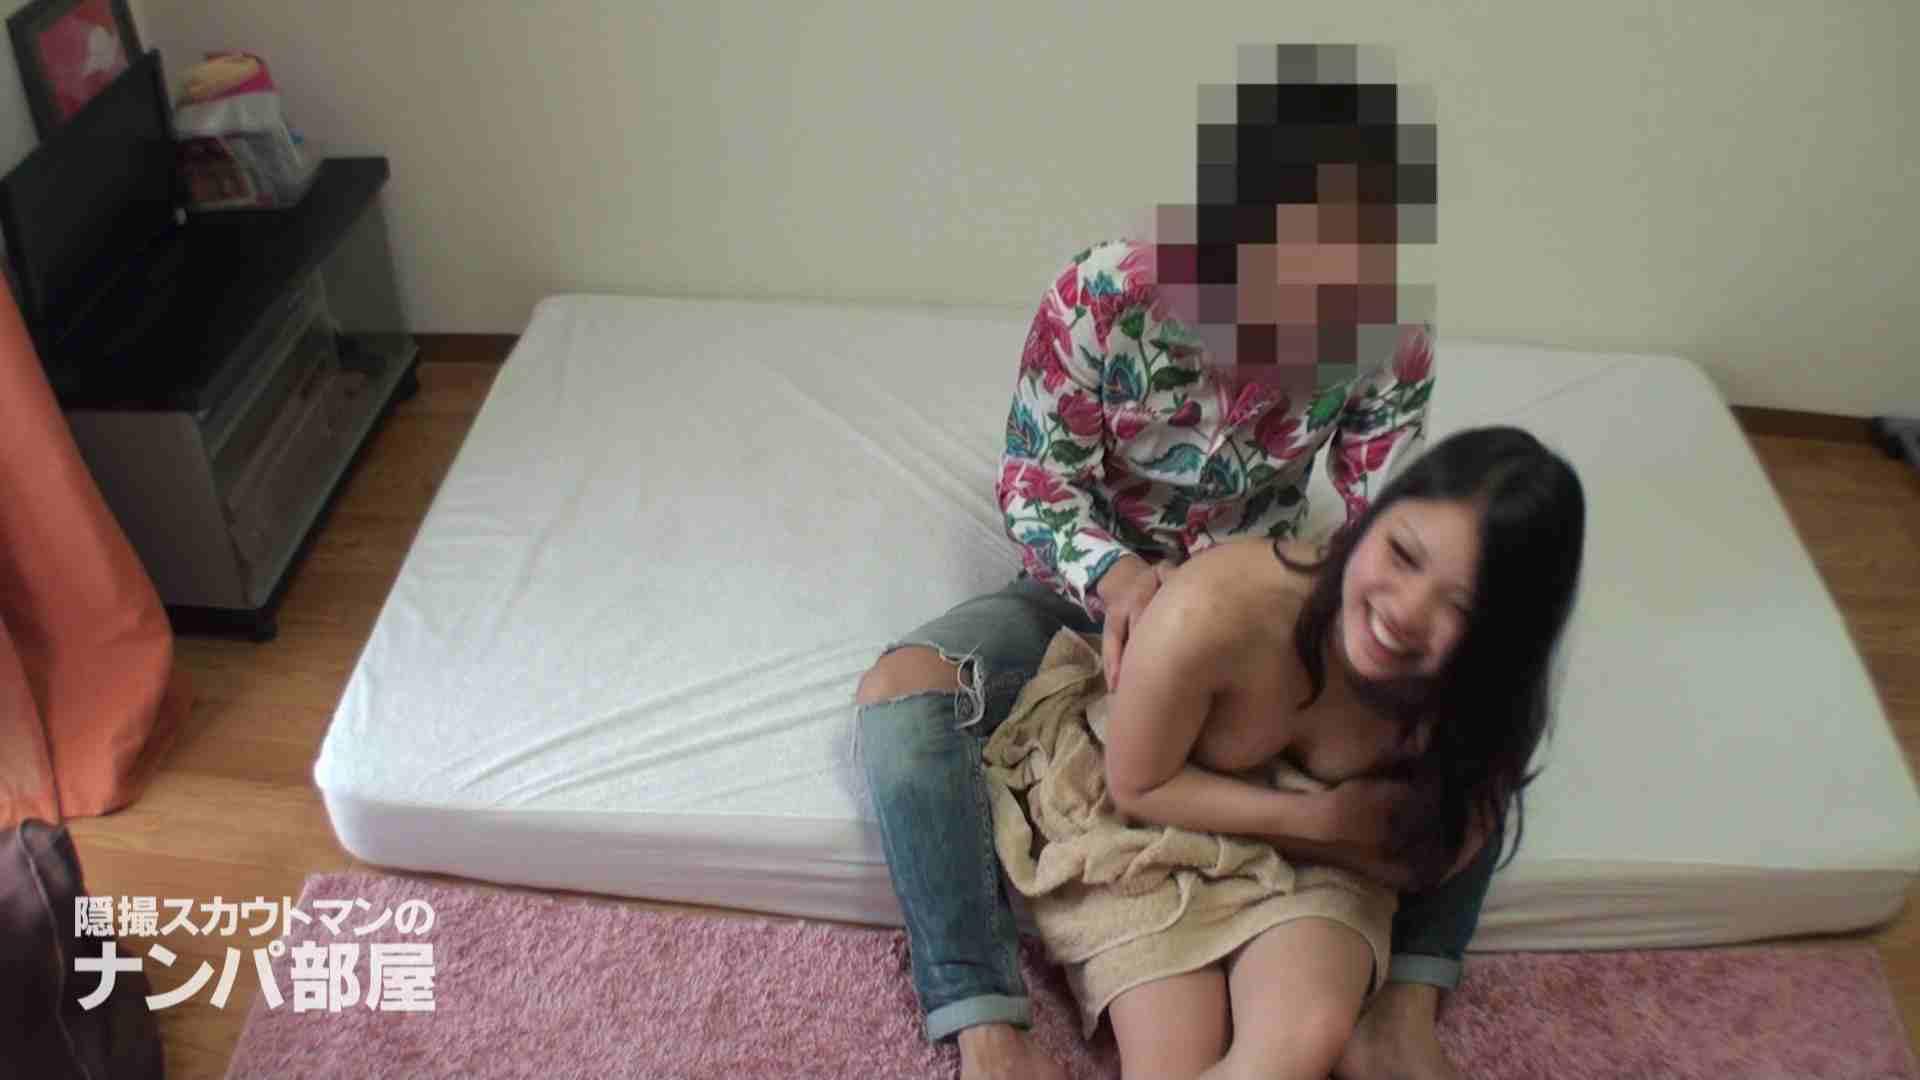 隠撮スカウトマンのナンパ部屋~風俗デビュー前のつまみ食い~hanavol.2 隠撮 | 脱衣所  57画像 45